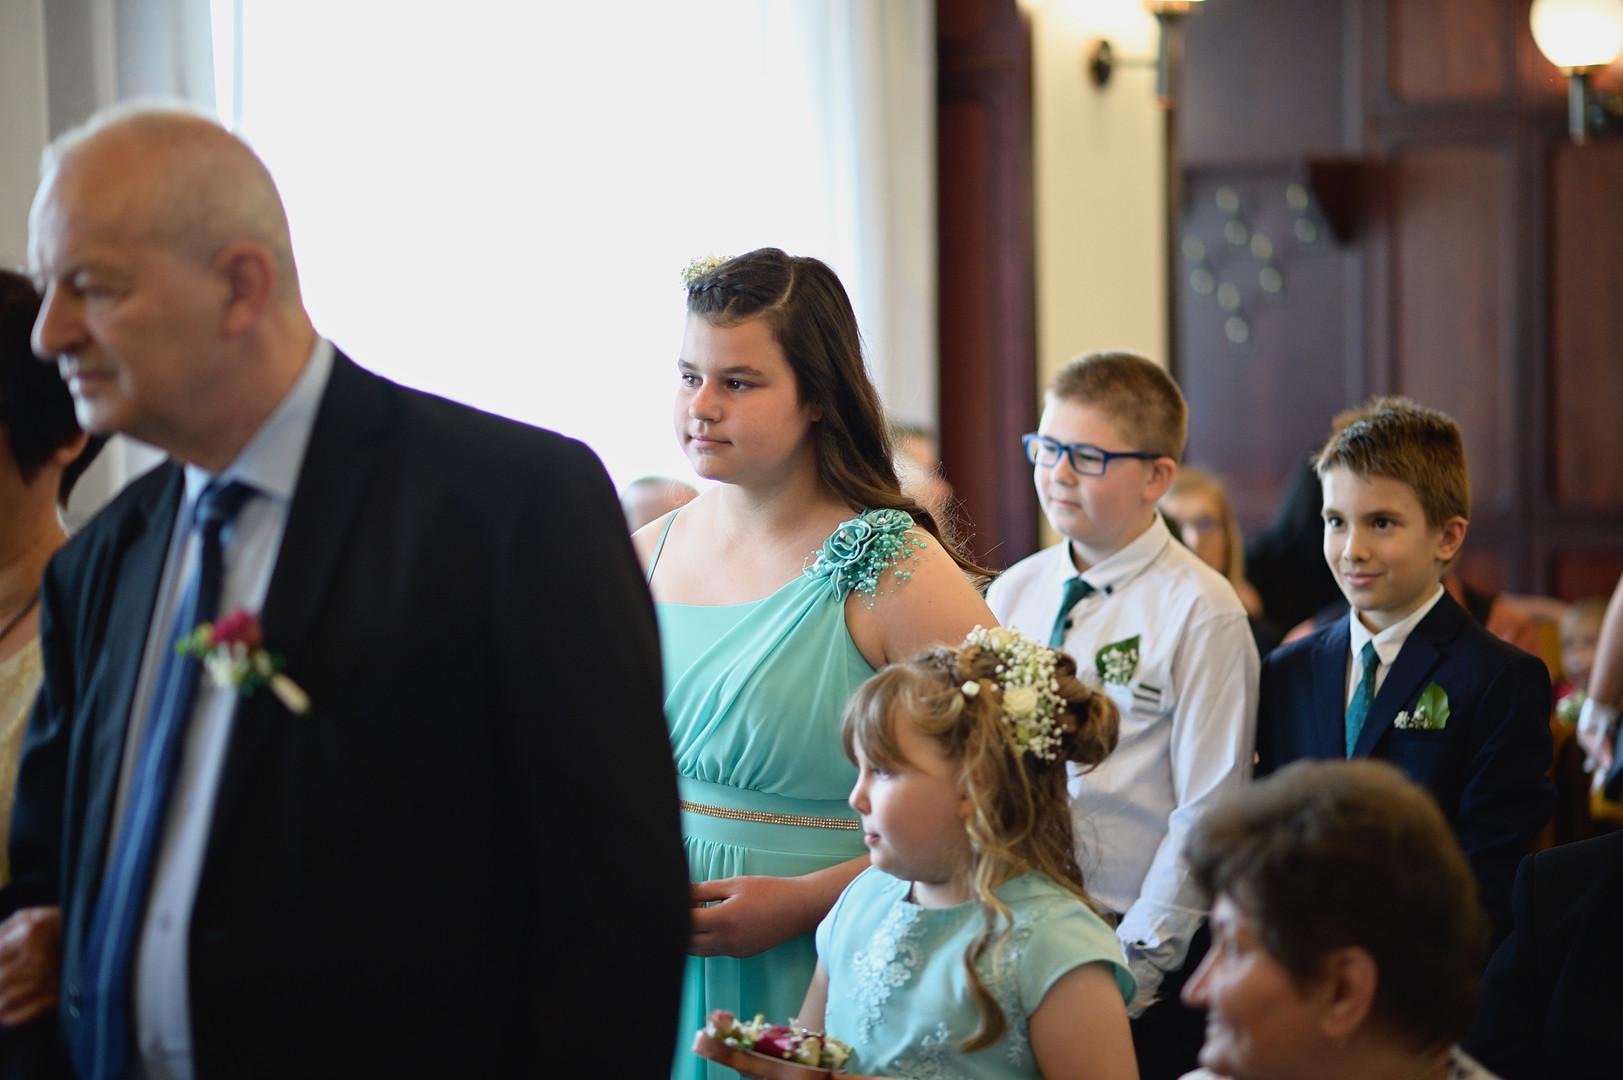 023 Esküvői fotózás - Enikő és Peti.jpg